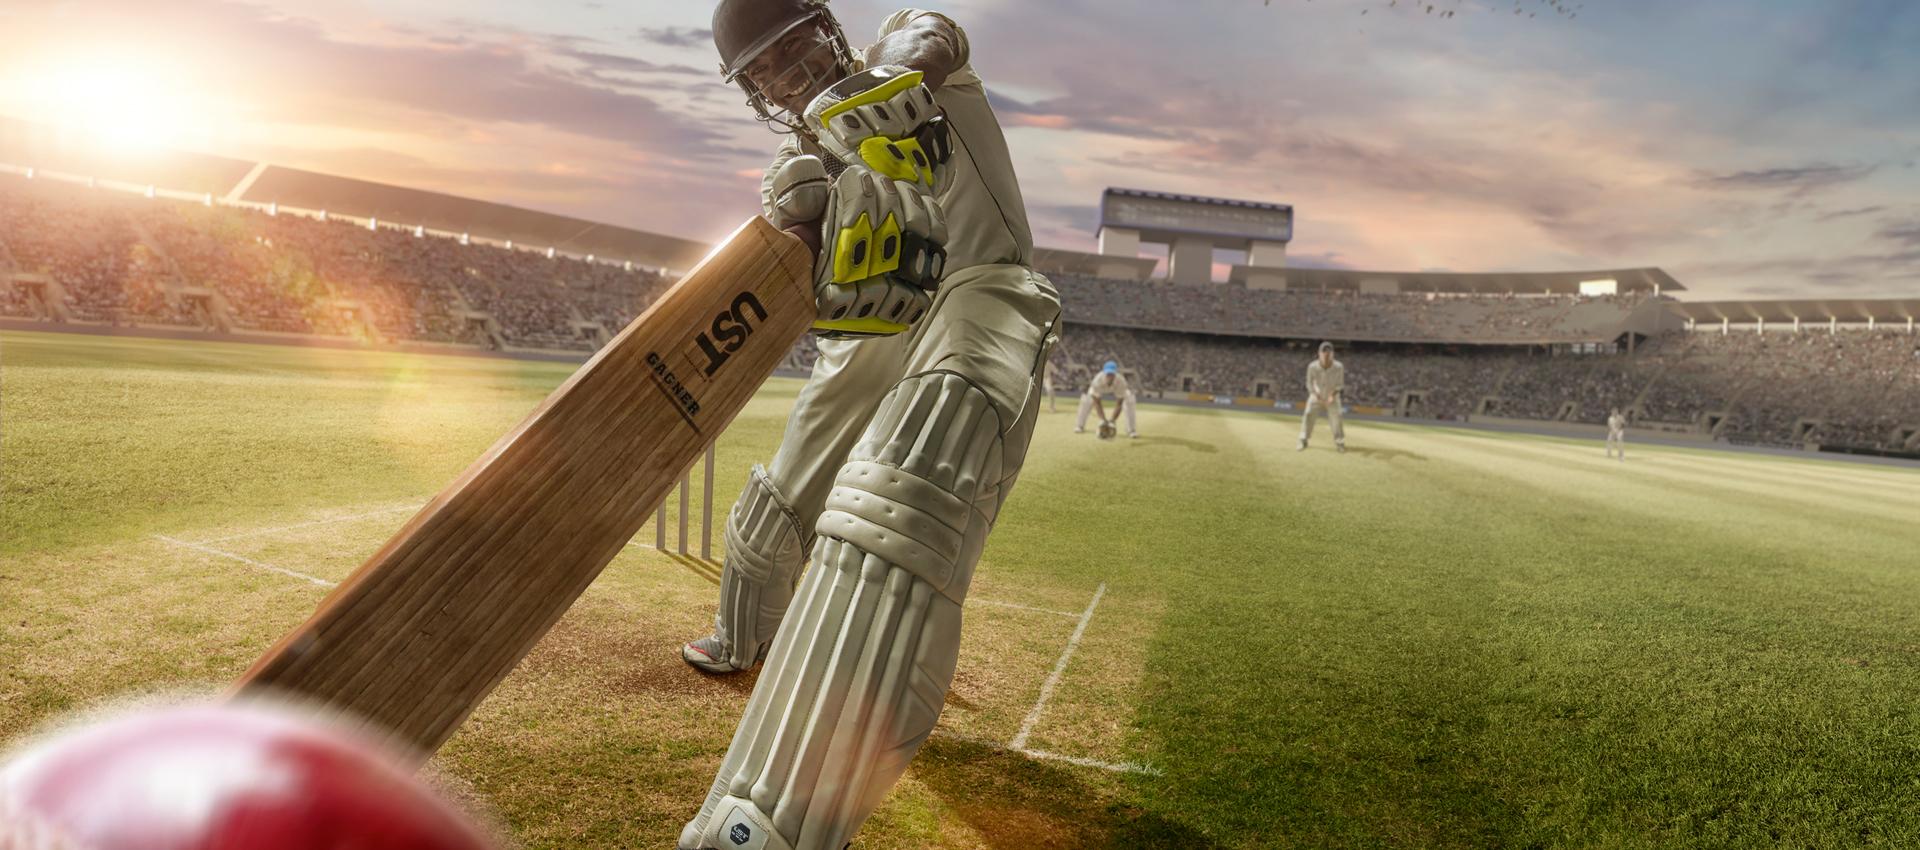 Cricket Gear & Uniform